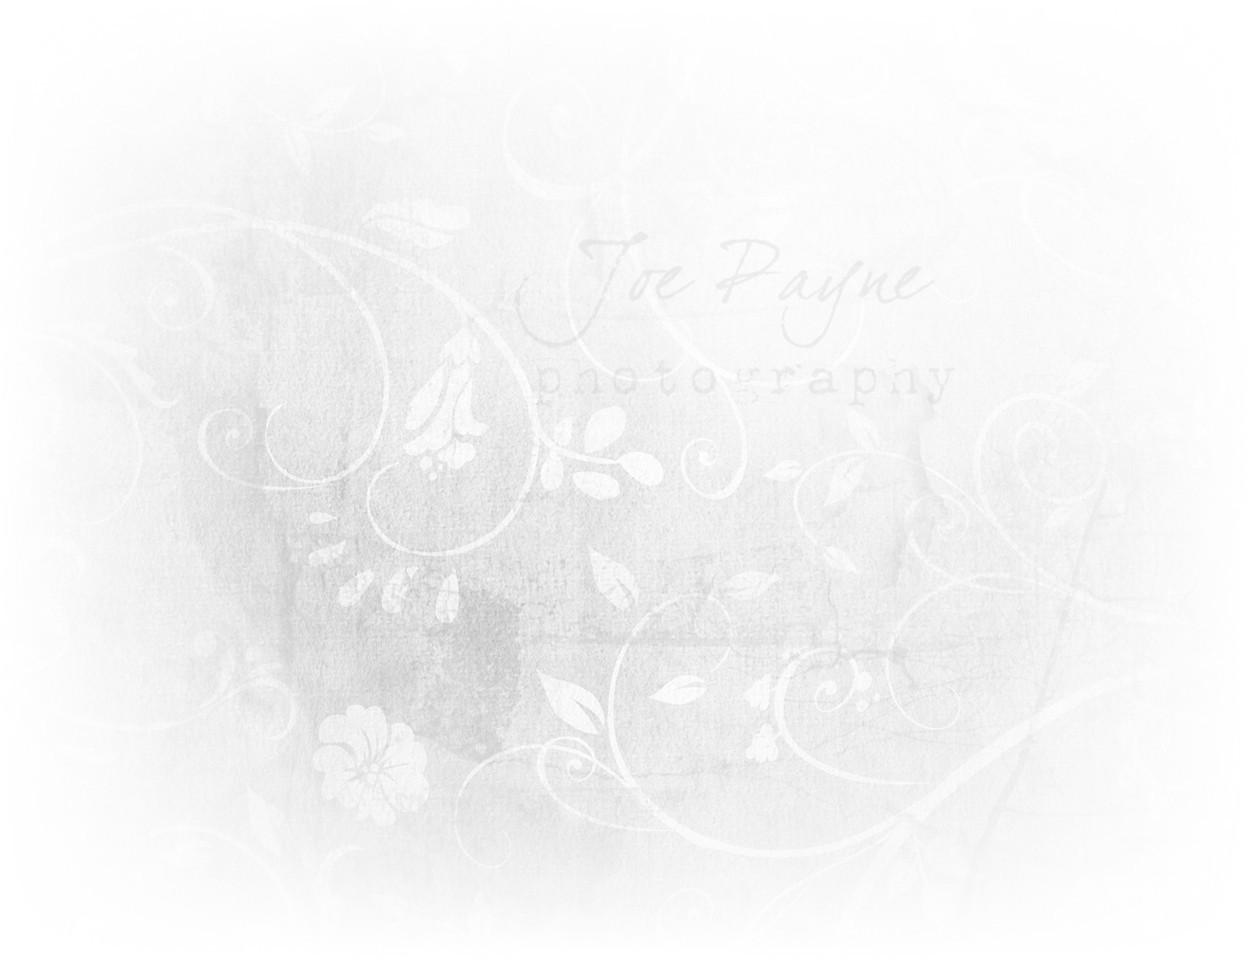 20131218 Joe Payne Background - v1 3 (**Final**)